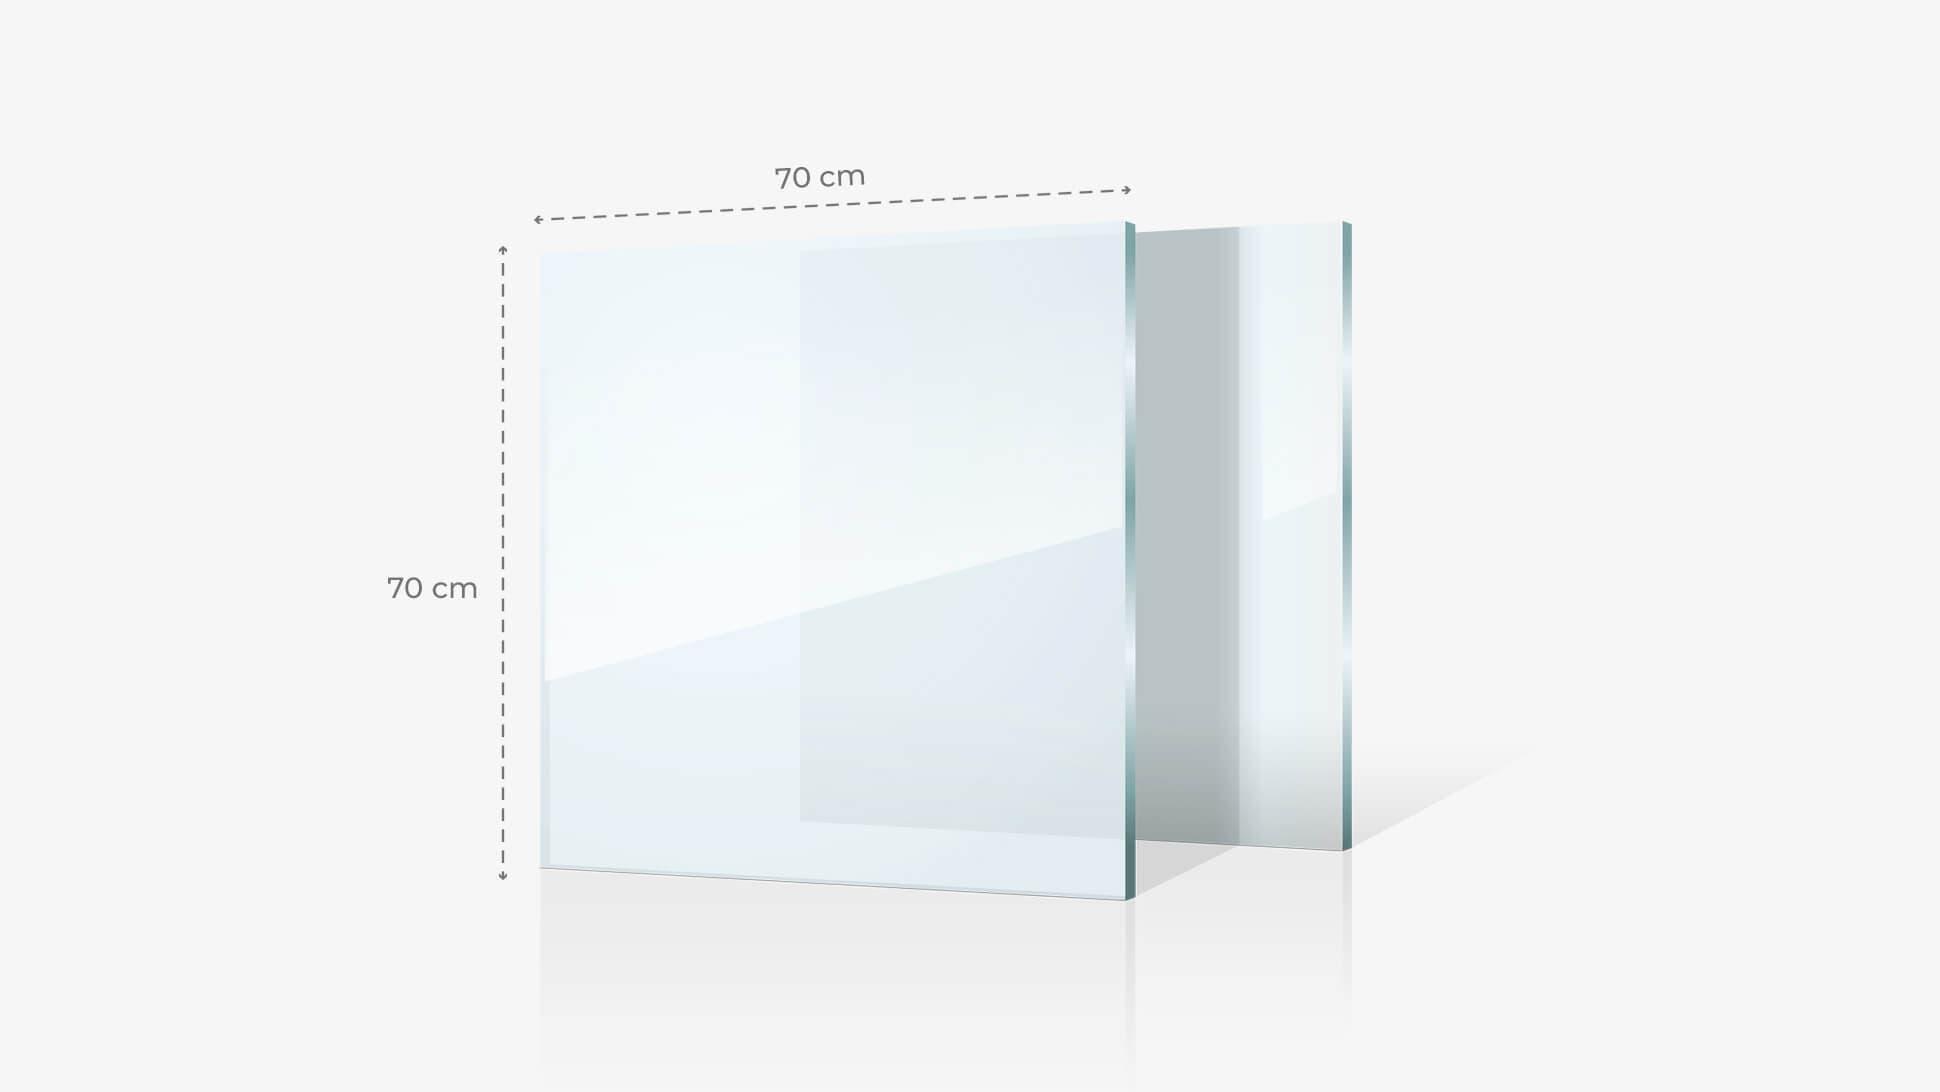 Foto su vetro acrilico 70x70 cm | tictac.it